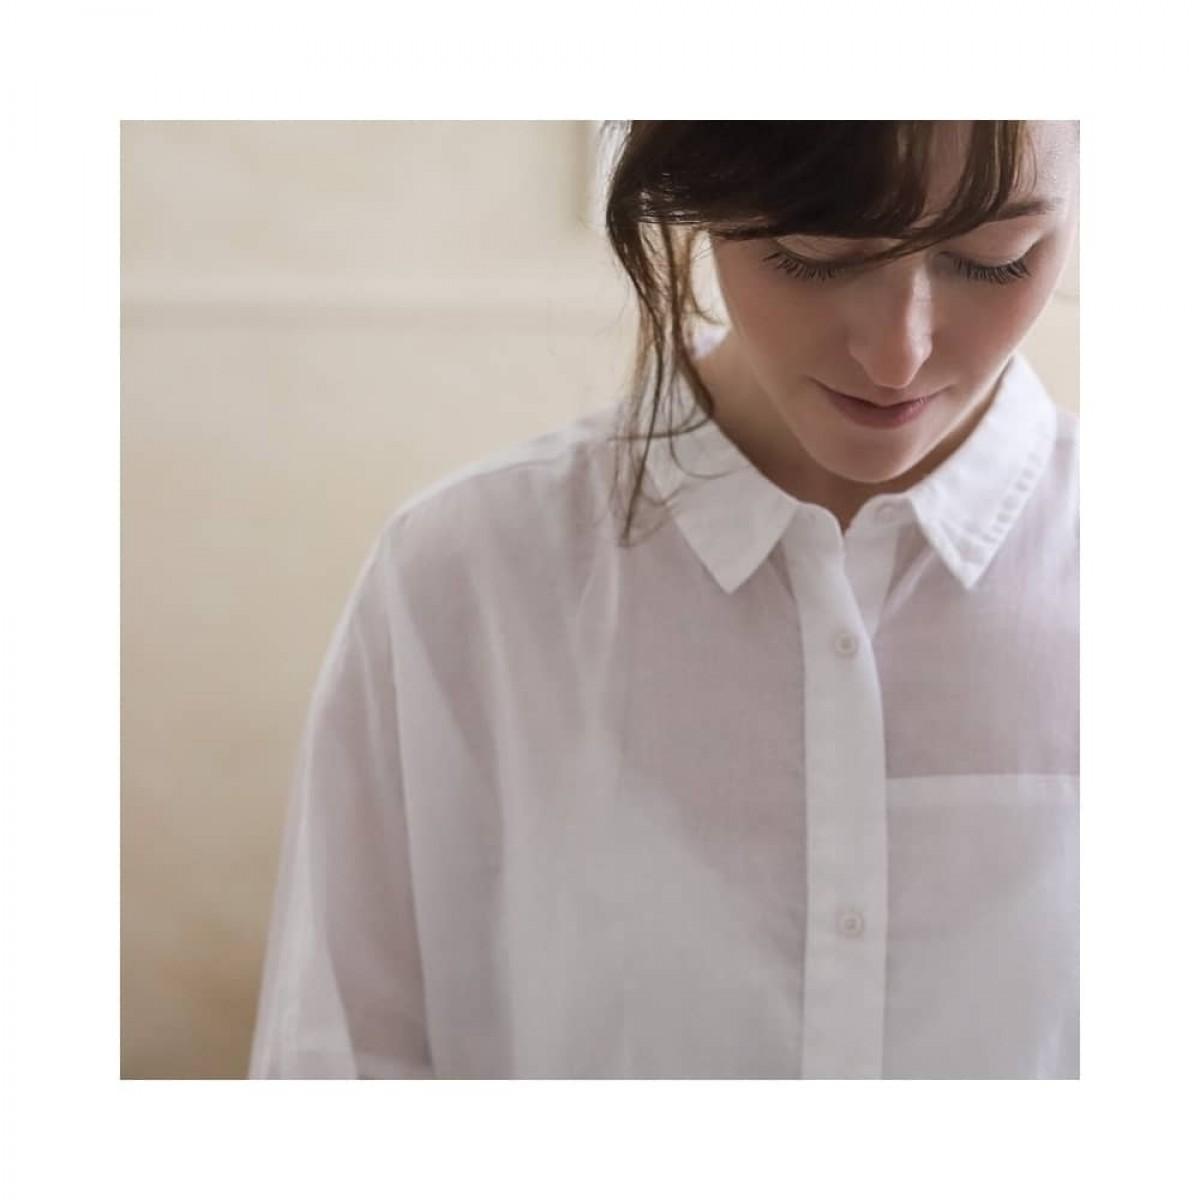 annie skjorte - white - model knap detalje